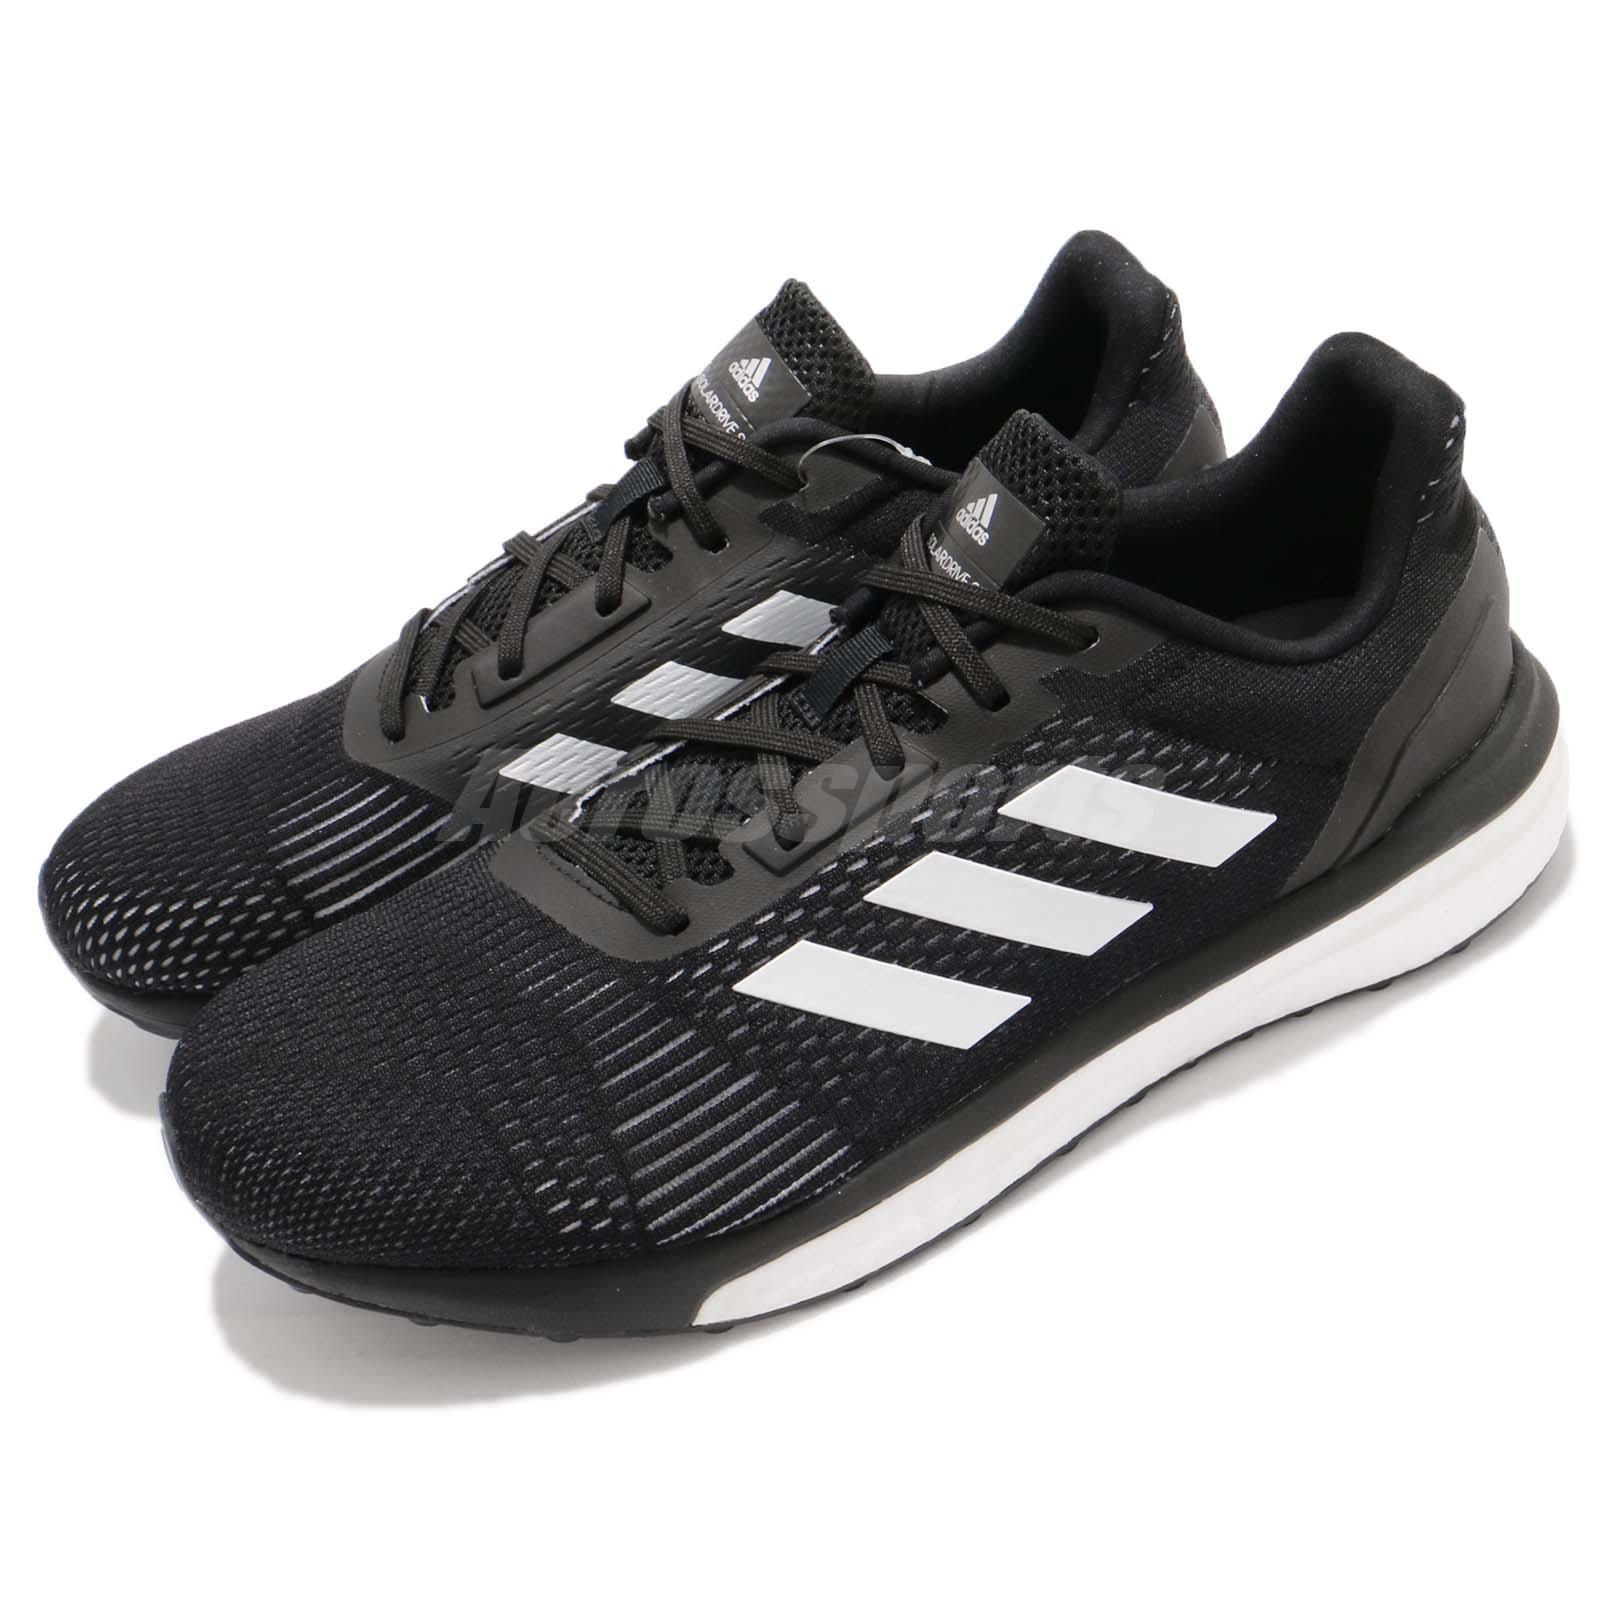 Adidas Solar Drive ST M Boost negro blanco Men Running Training zapatos AQ0326